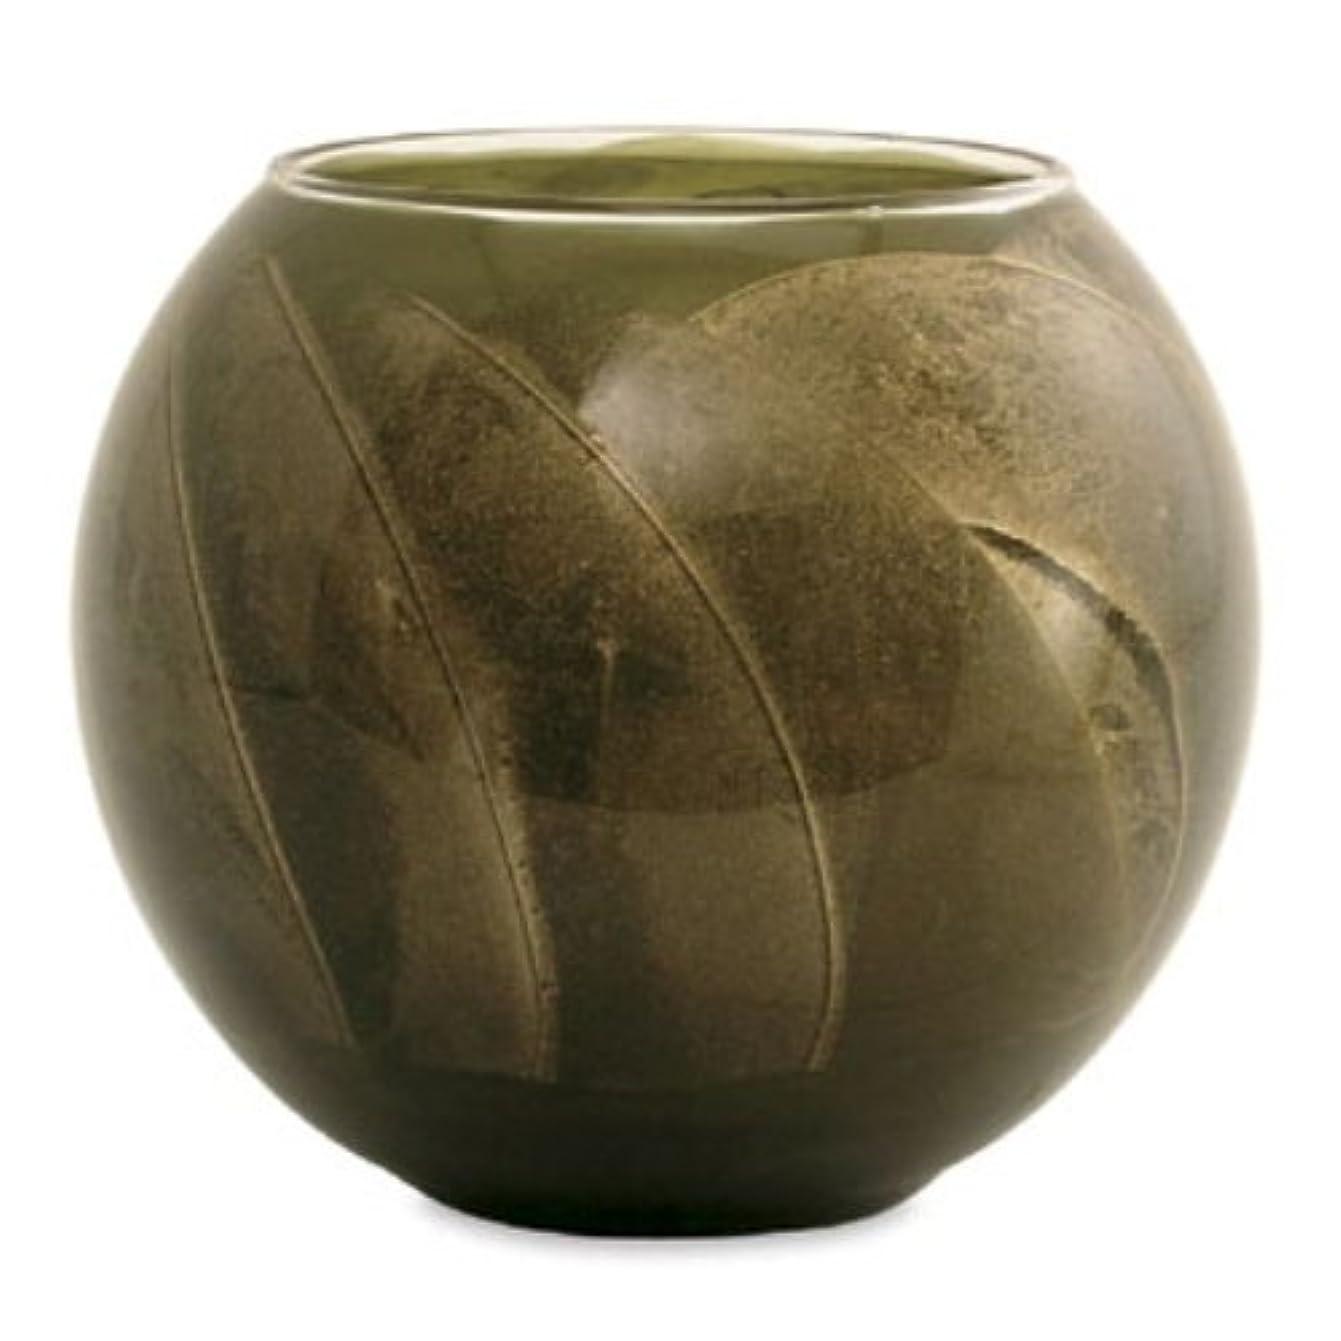 オーバーヘッドアパル代表Northern Lights Candles Esque Polished Globe - 4 inch Olive by Northern Lights Candles [並行輸入品]